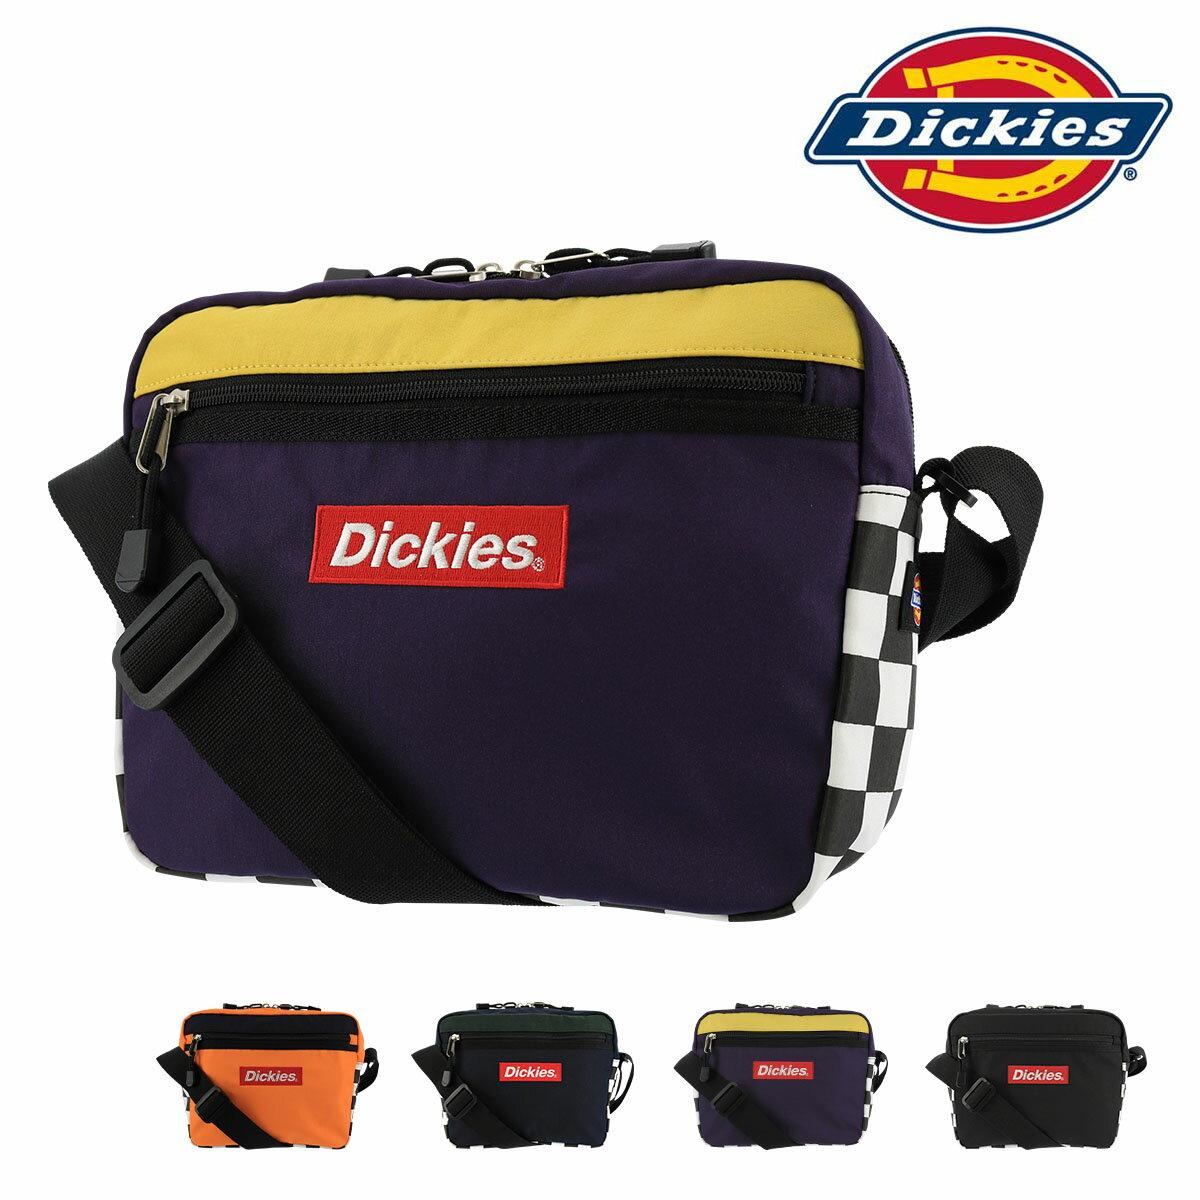 ディッキーズ ショルダーバッグ レトロチェッカー メンズ レディース 14063100 DICKIES | コンパクト